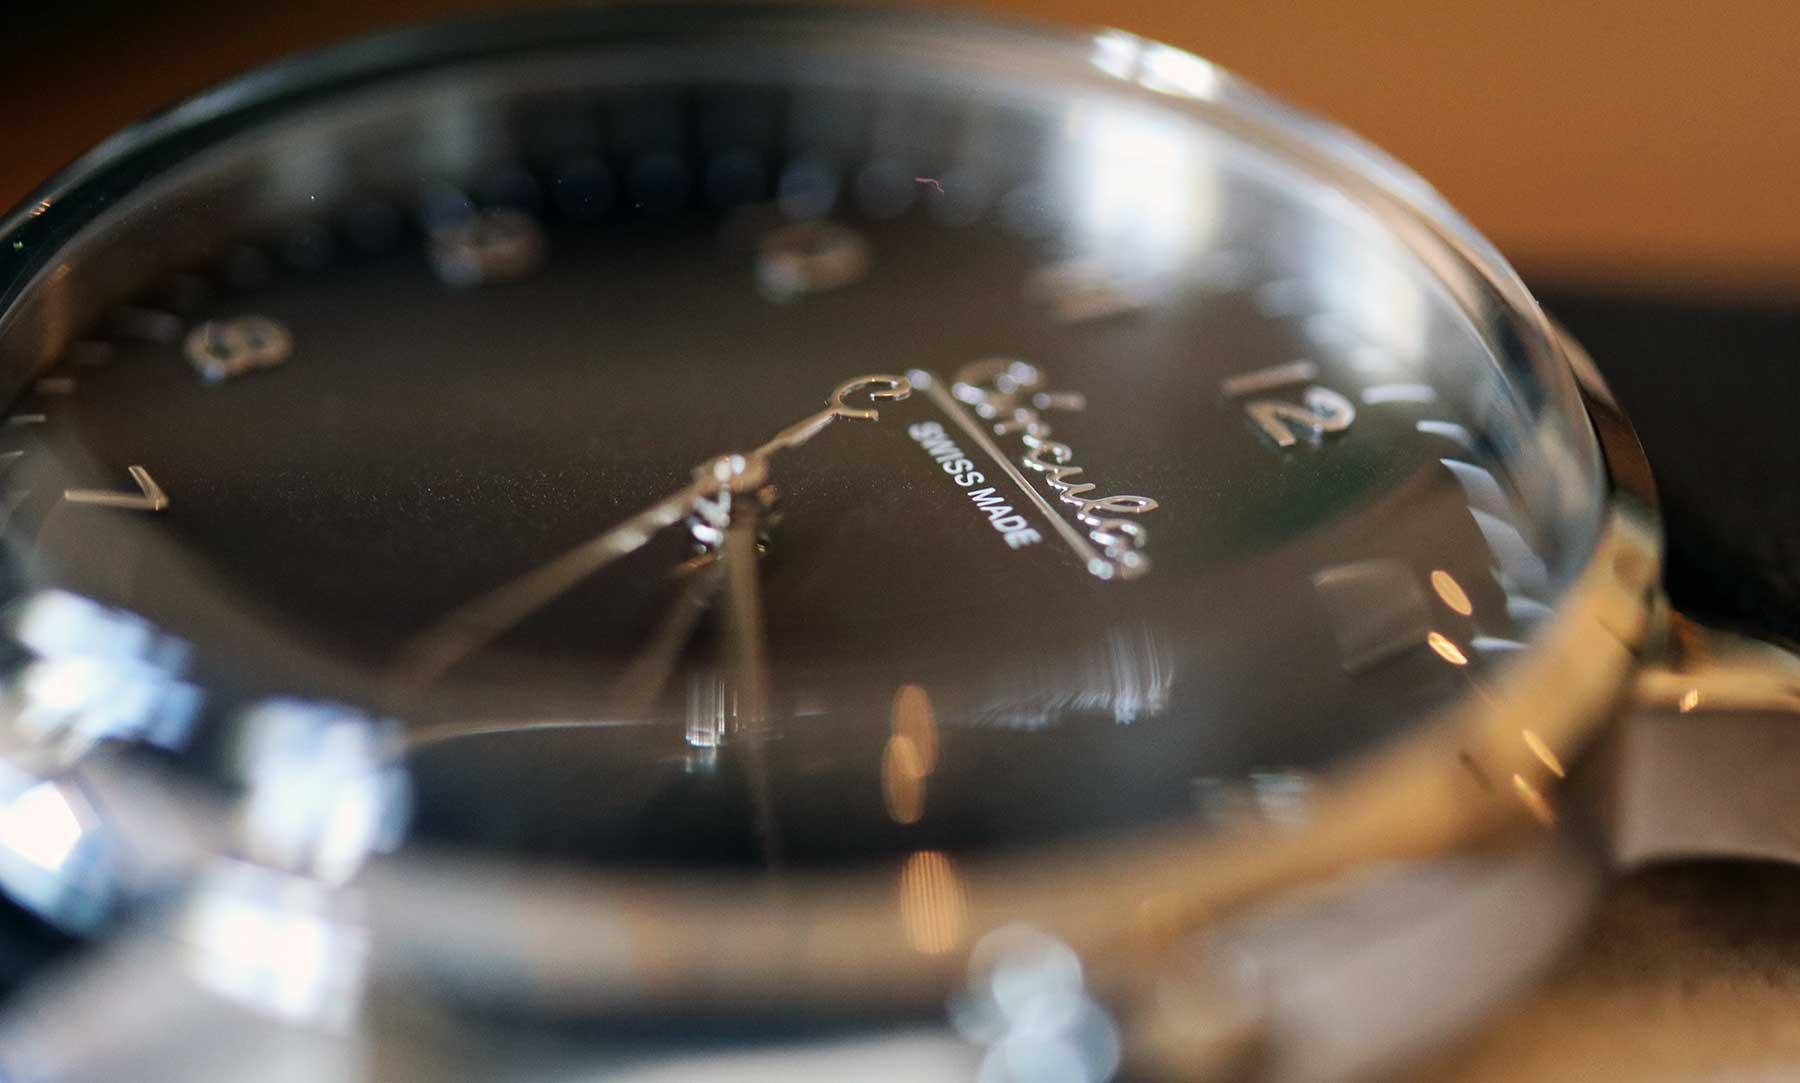 Rund. Praktisch. Gut: Circula Watches Circula-Watches_08